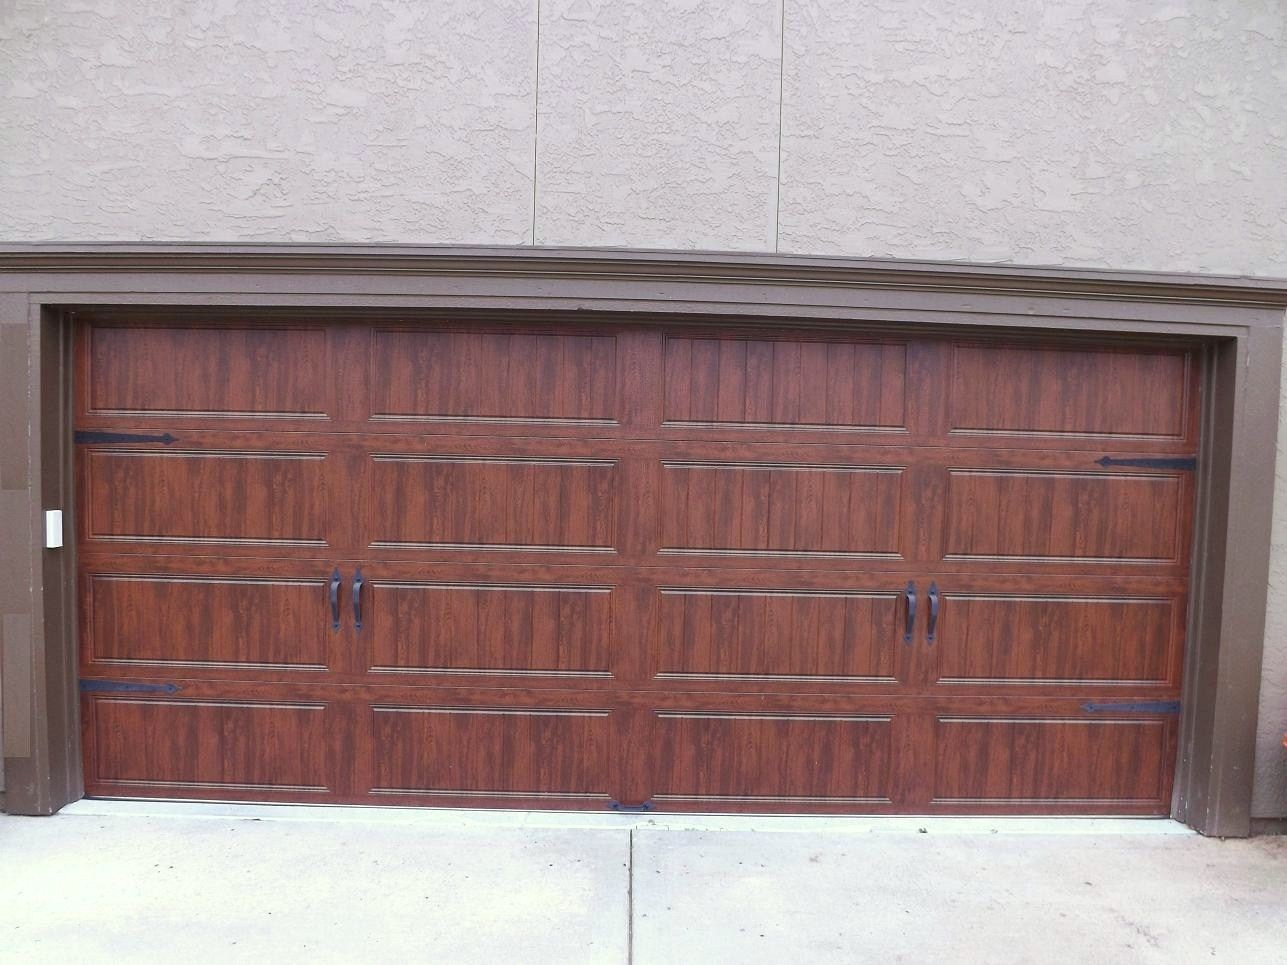 Garage Door Colours Ideas Uk And Pics Of Garage Doors Miami Fl Garage Garageorganization Garaged Contemporary Garage Doors Modern Garage Doors Garage Doors